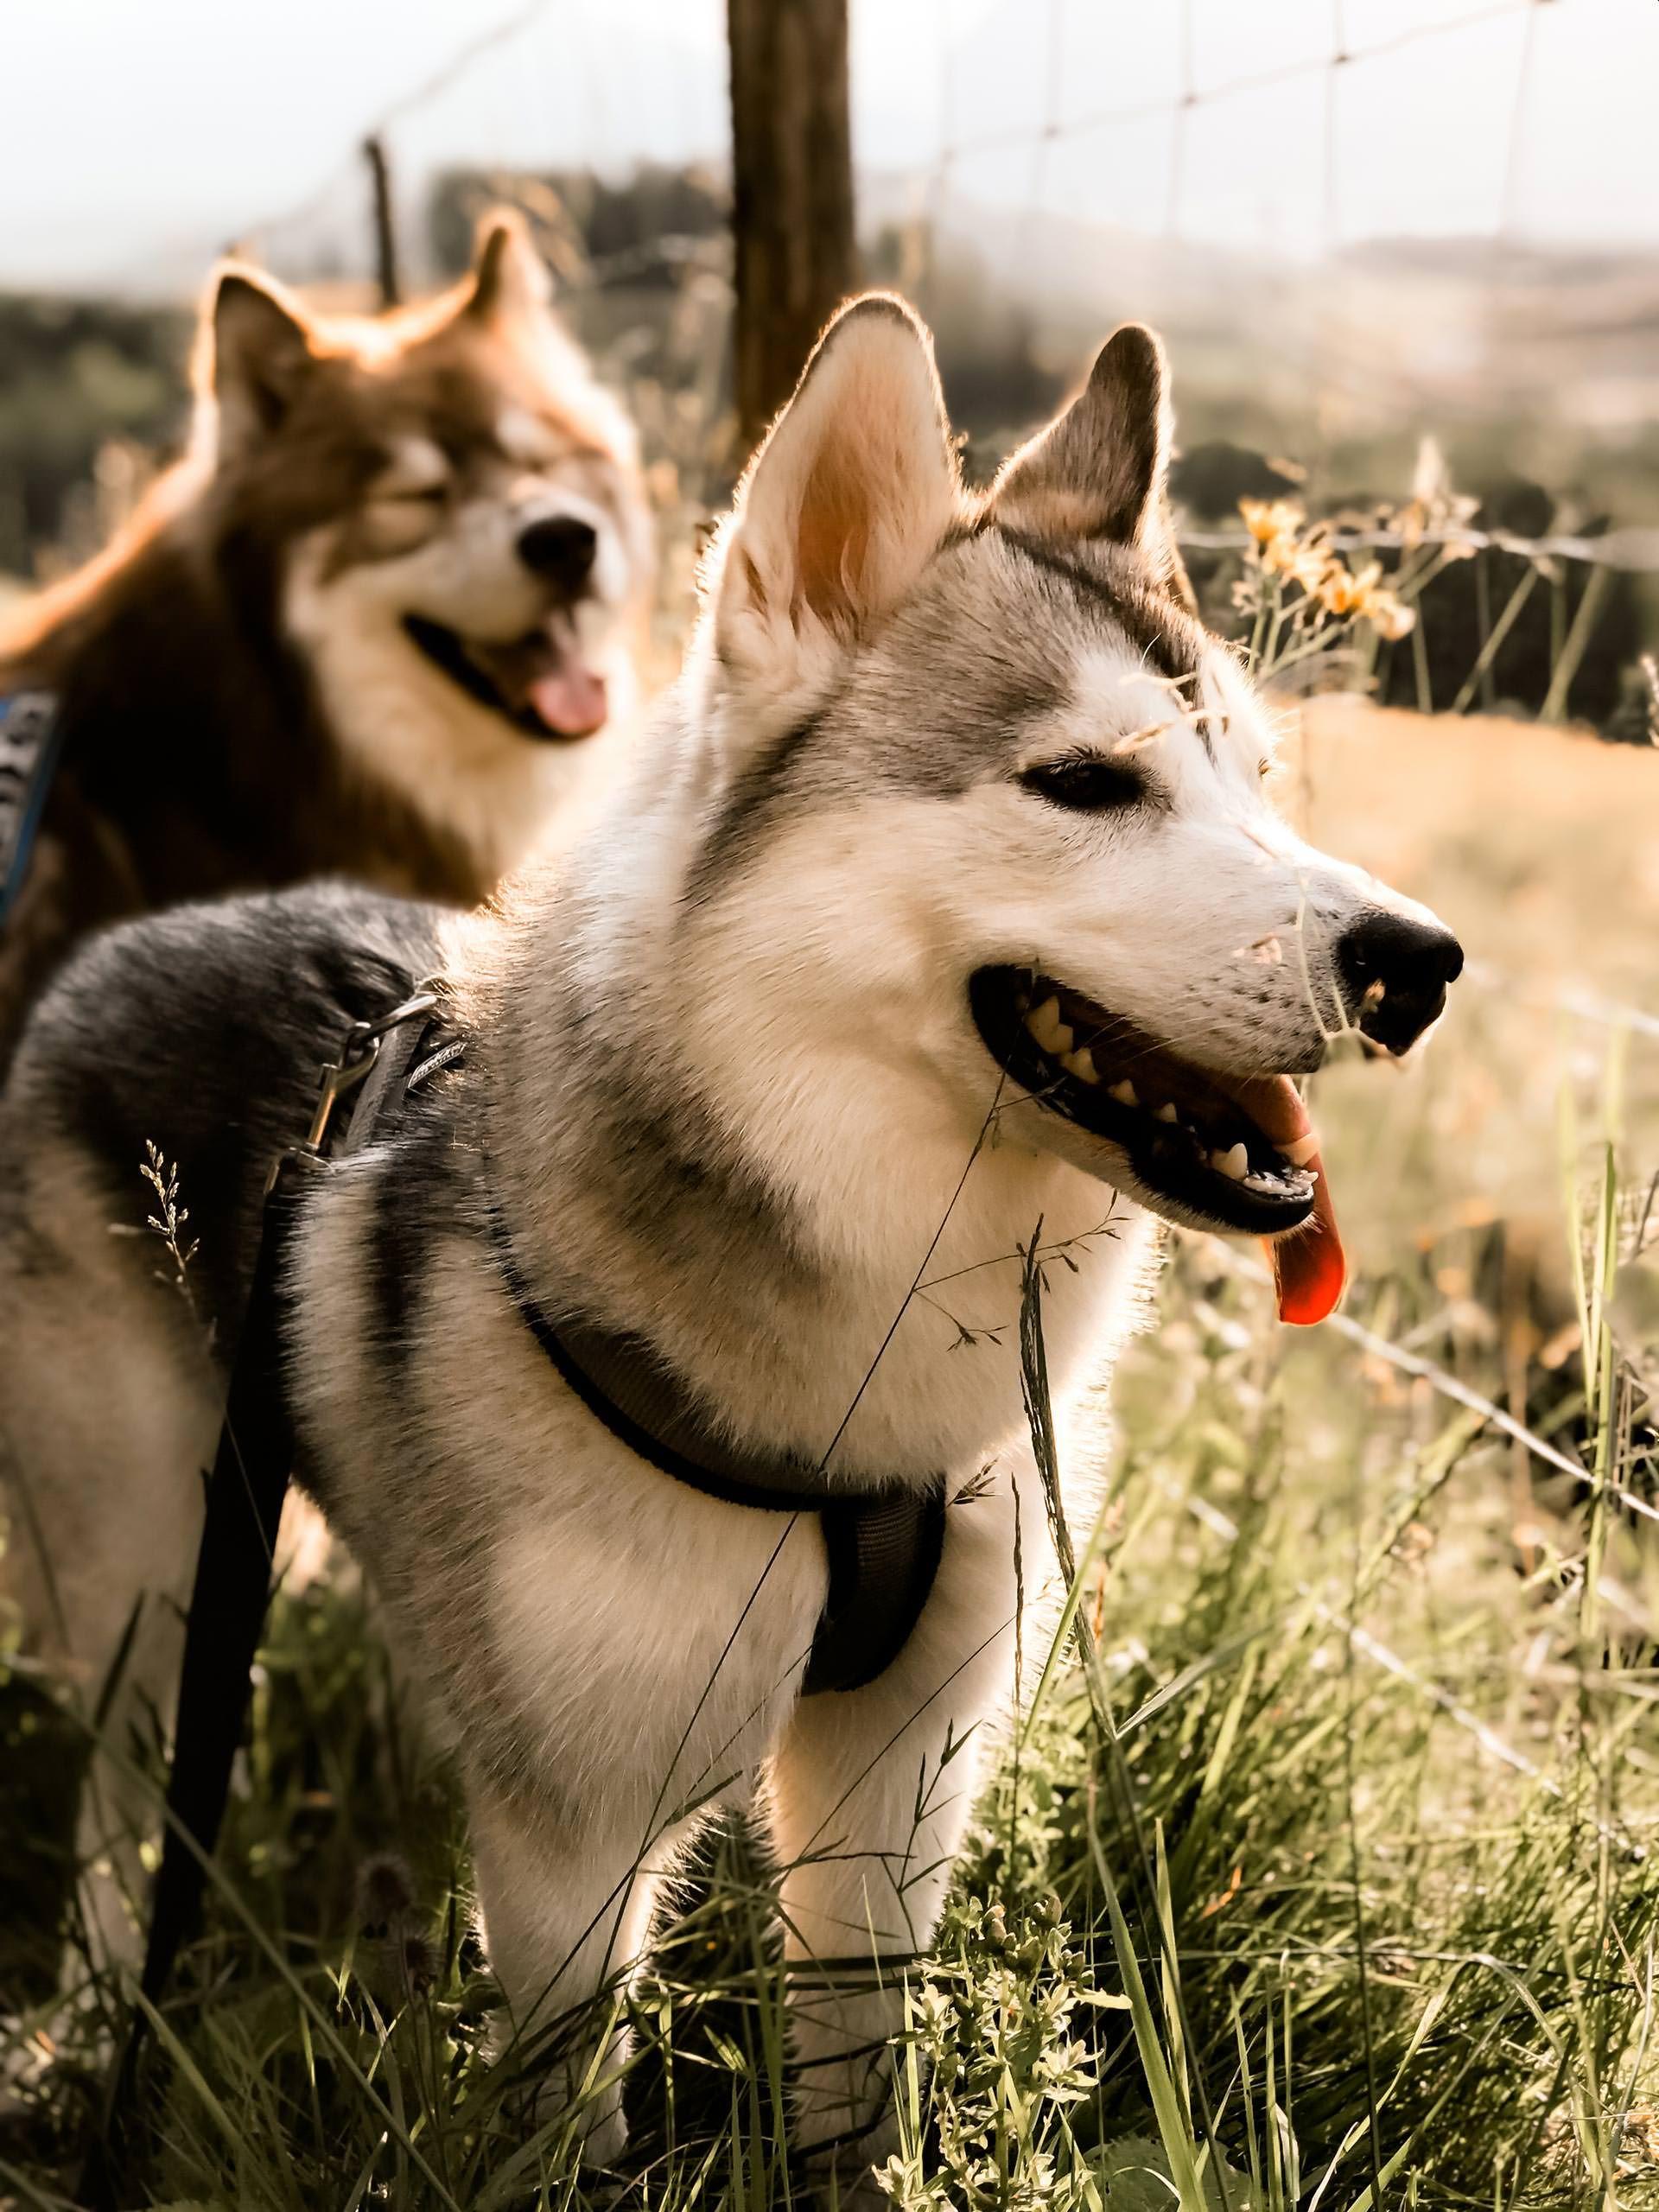 Unser Alltag Und Leben Mit Hund Und Welpe Sibirischer Husky Bgh1 Prufung Laufige Hundin Hunde Tipps Und Tricks Fur Den Sibirischer Husky Hunde Husky Welpen